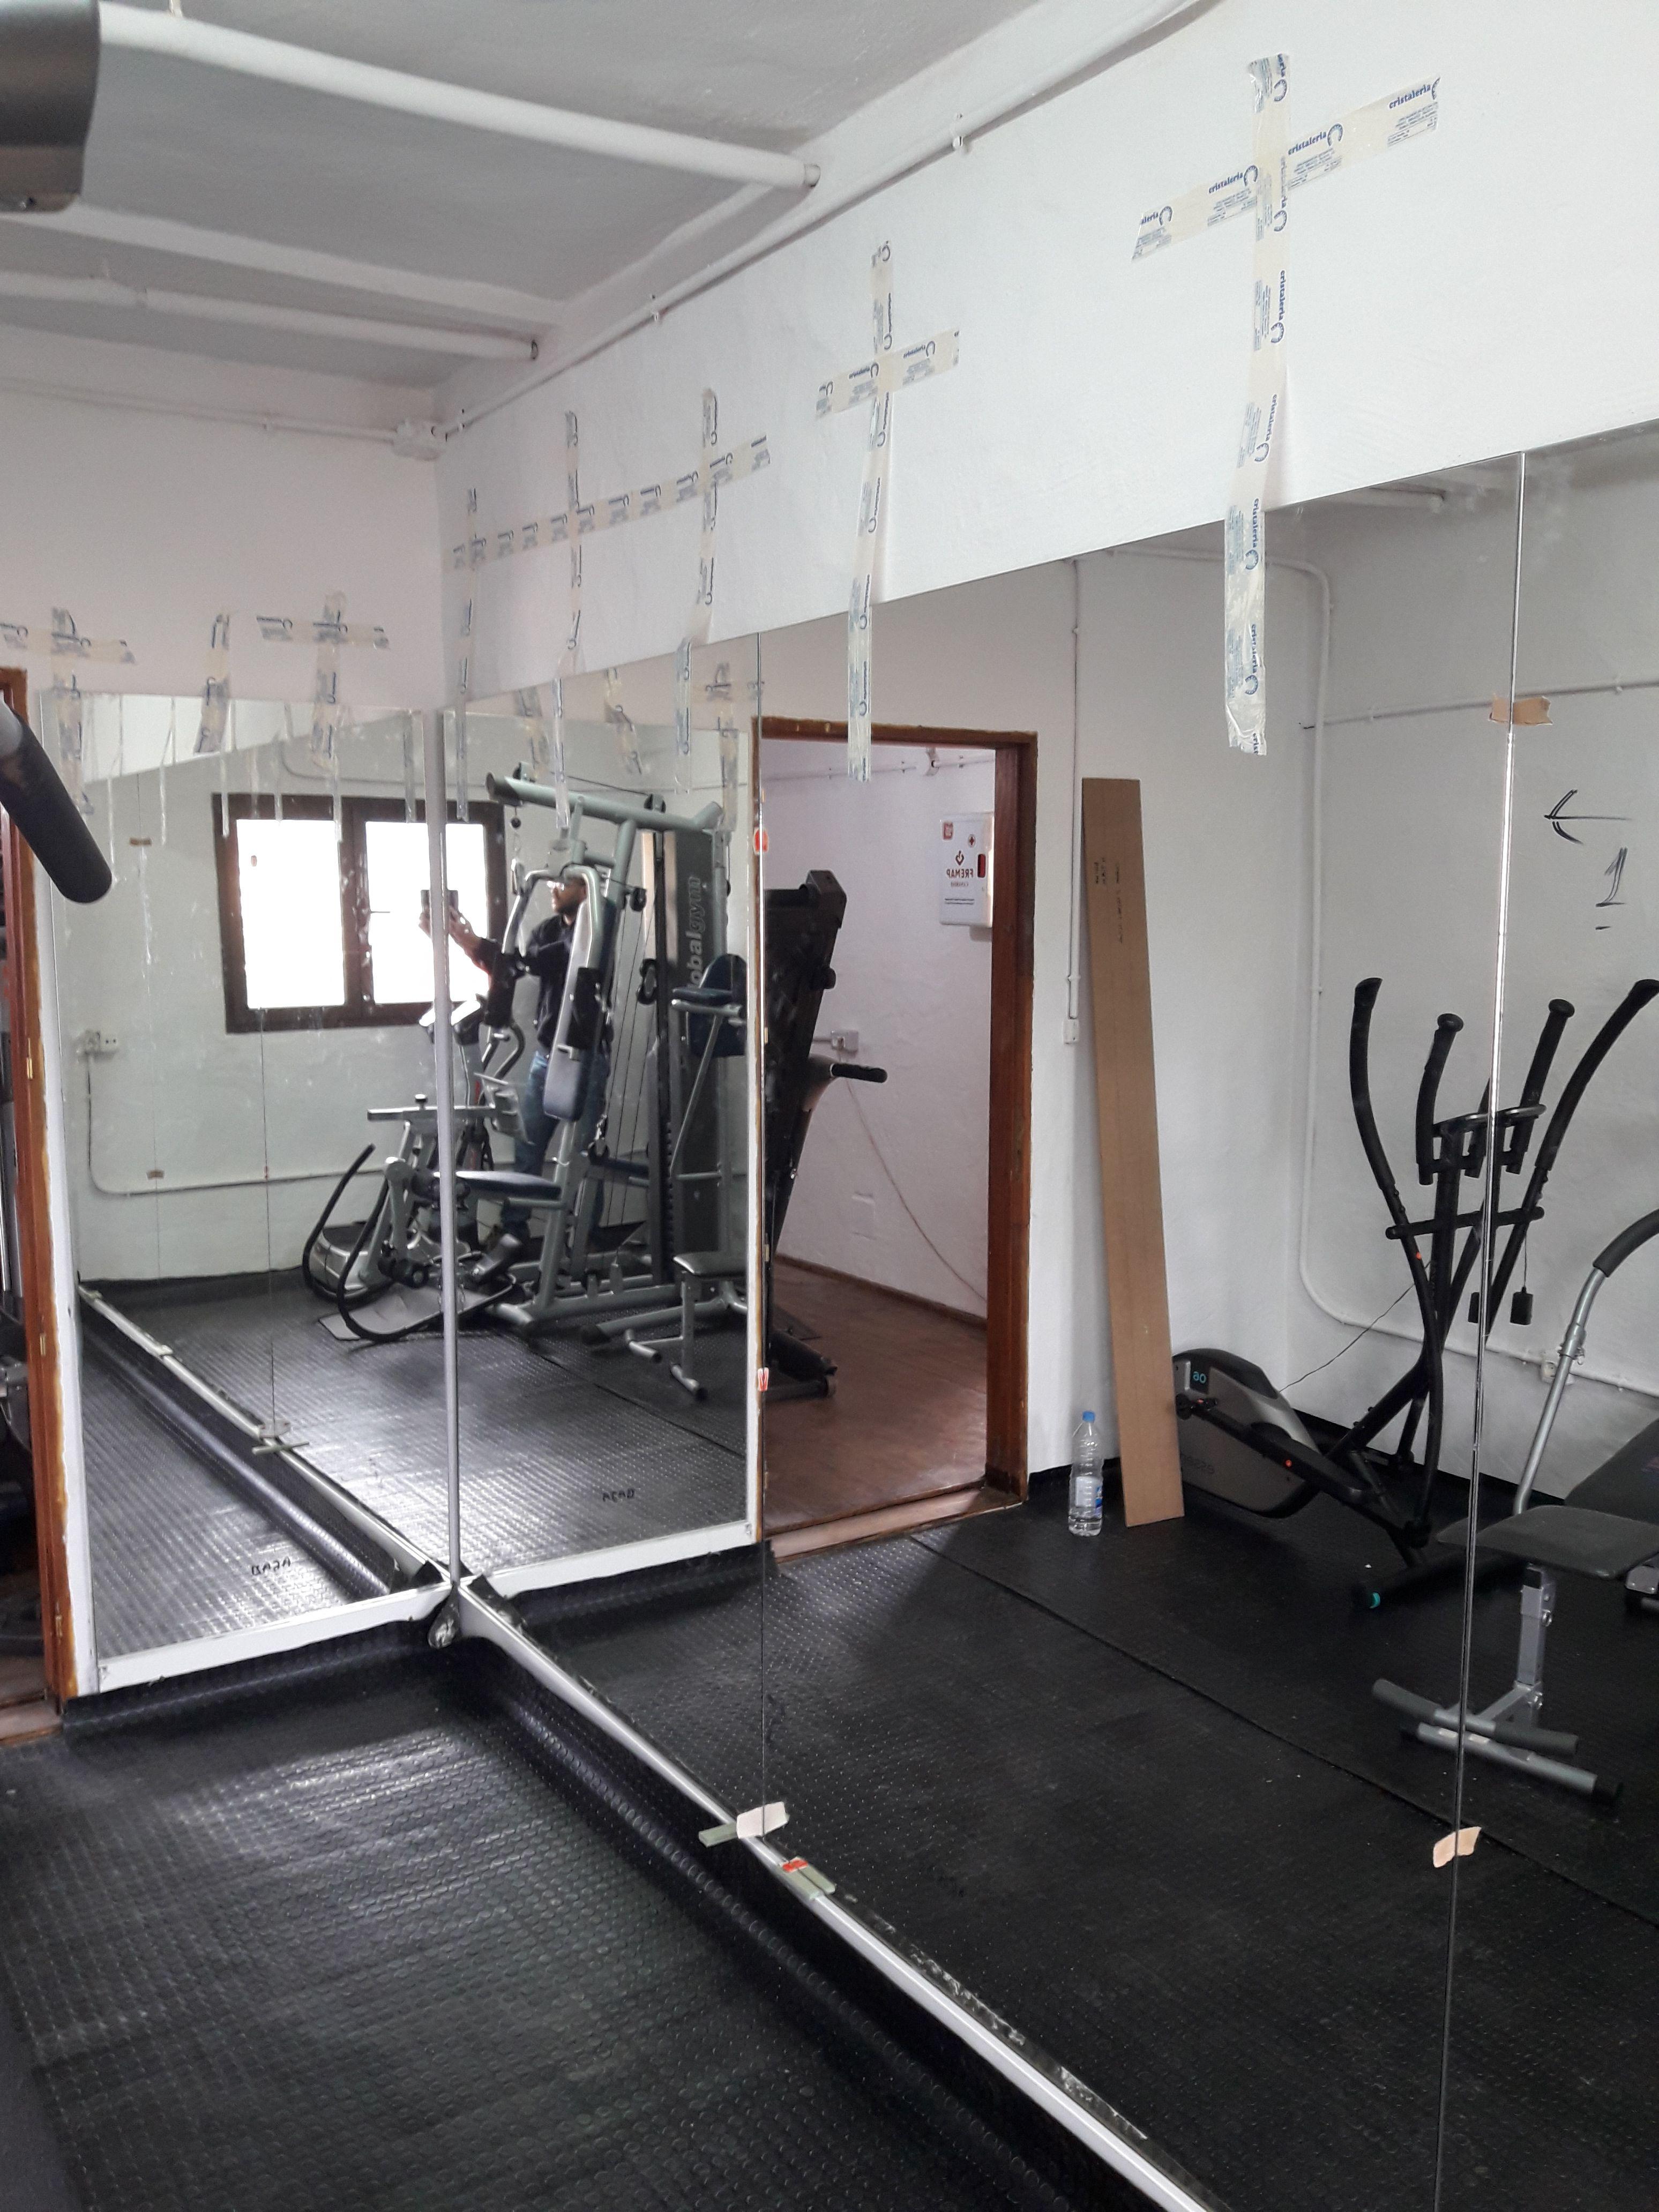 Instalación de espejos: Servicios de Cristalería La Herradura